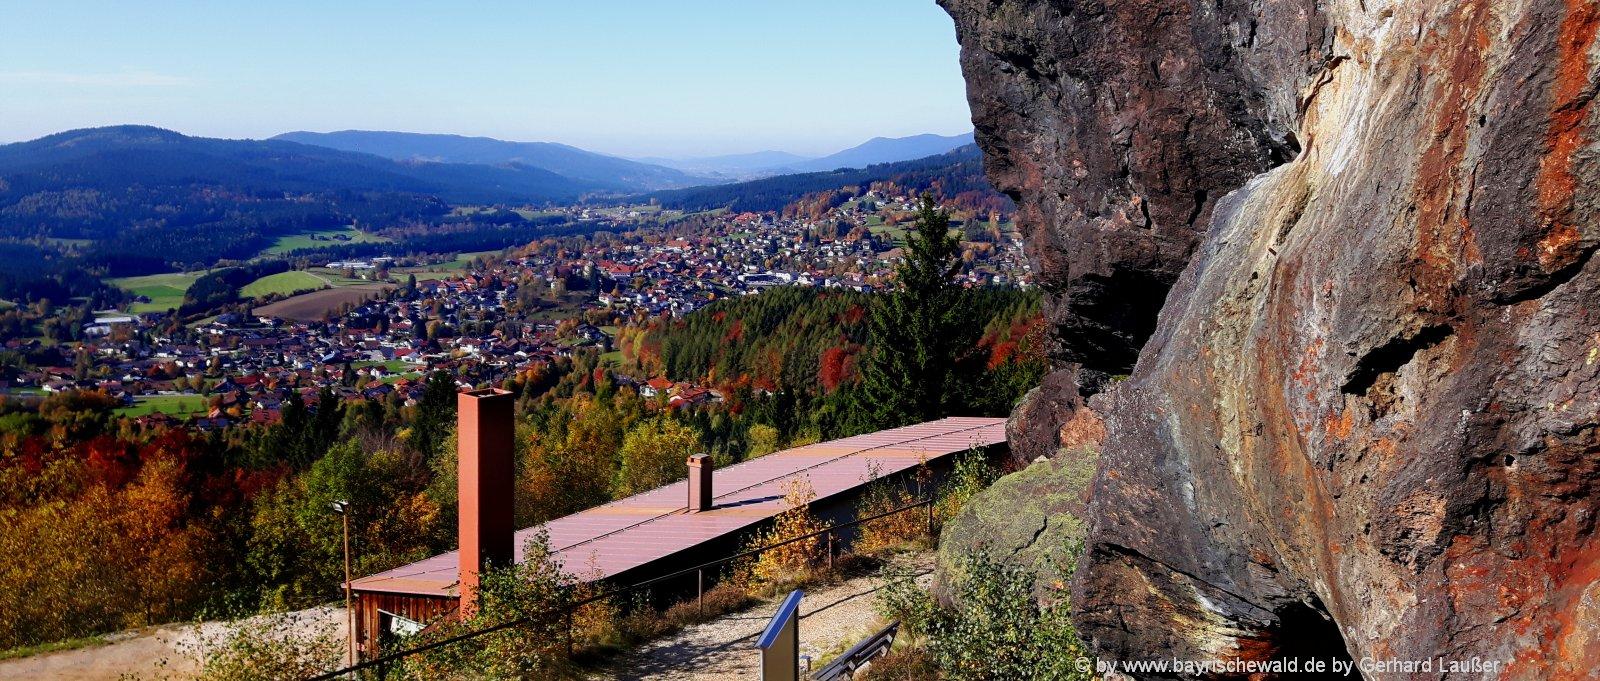 bayerischer-wald-sehenswürdigkeiten-highlights-silberberg-rundwanderwege-aussichtspunkt-felsen